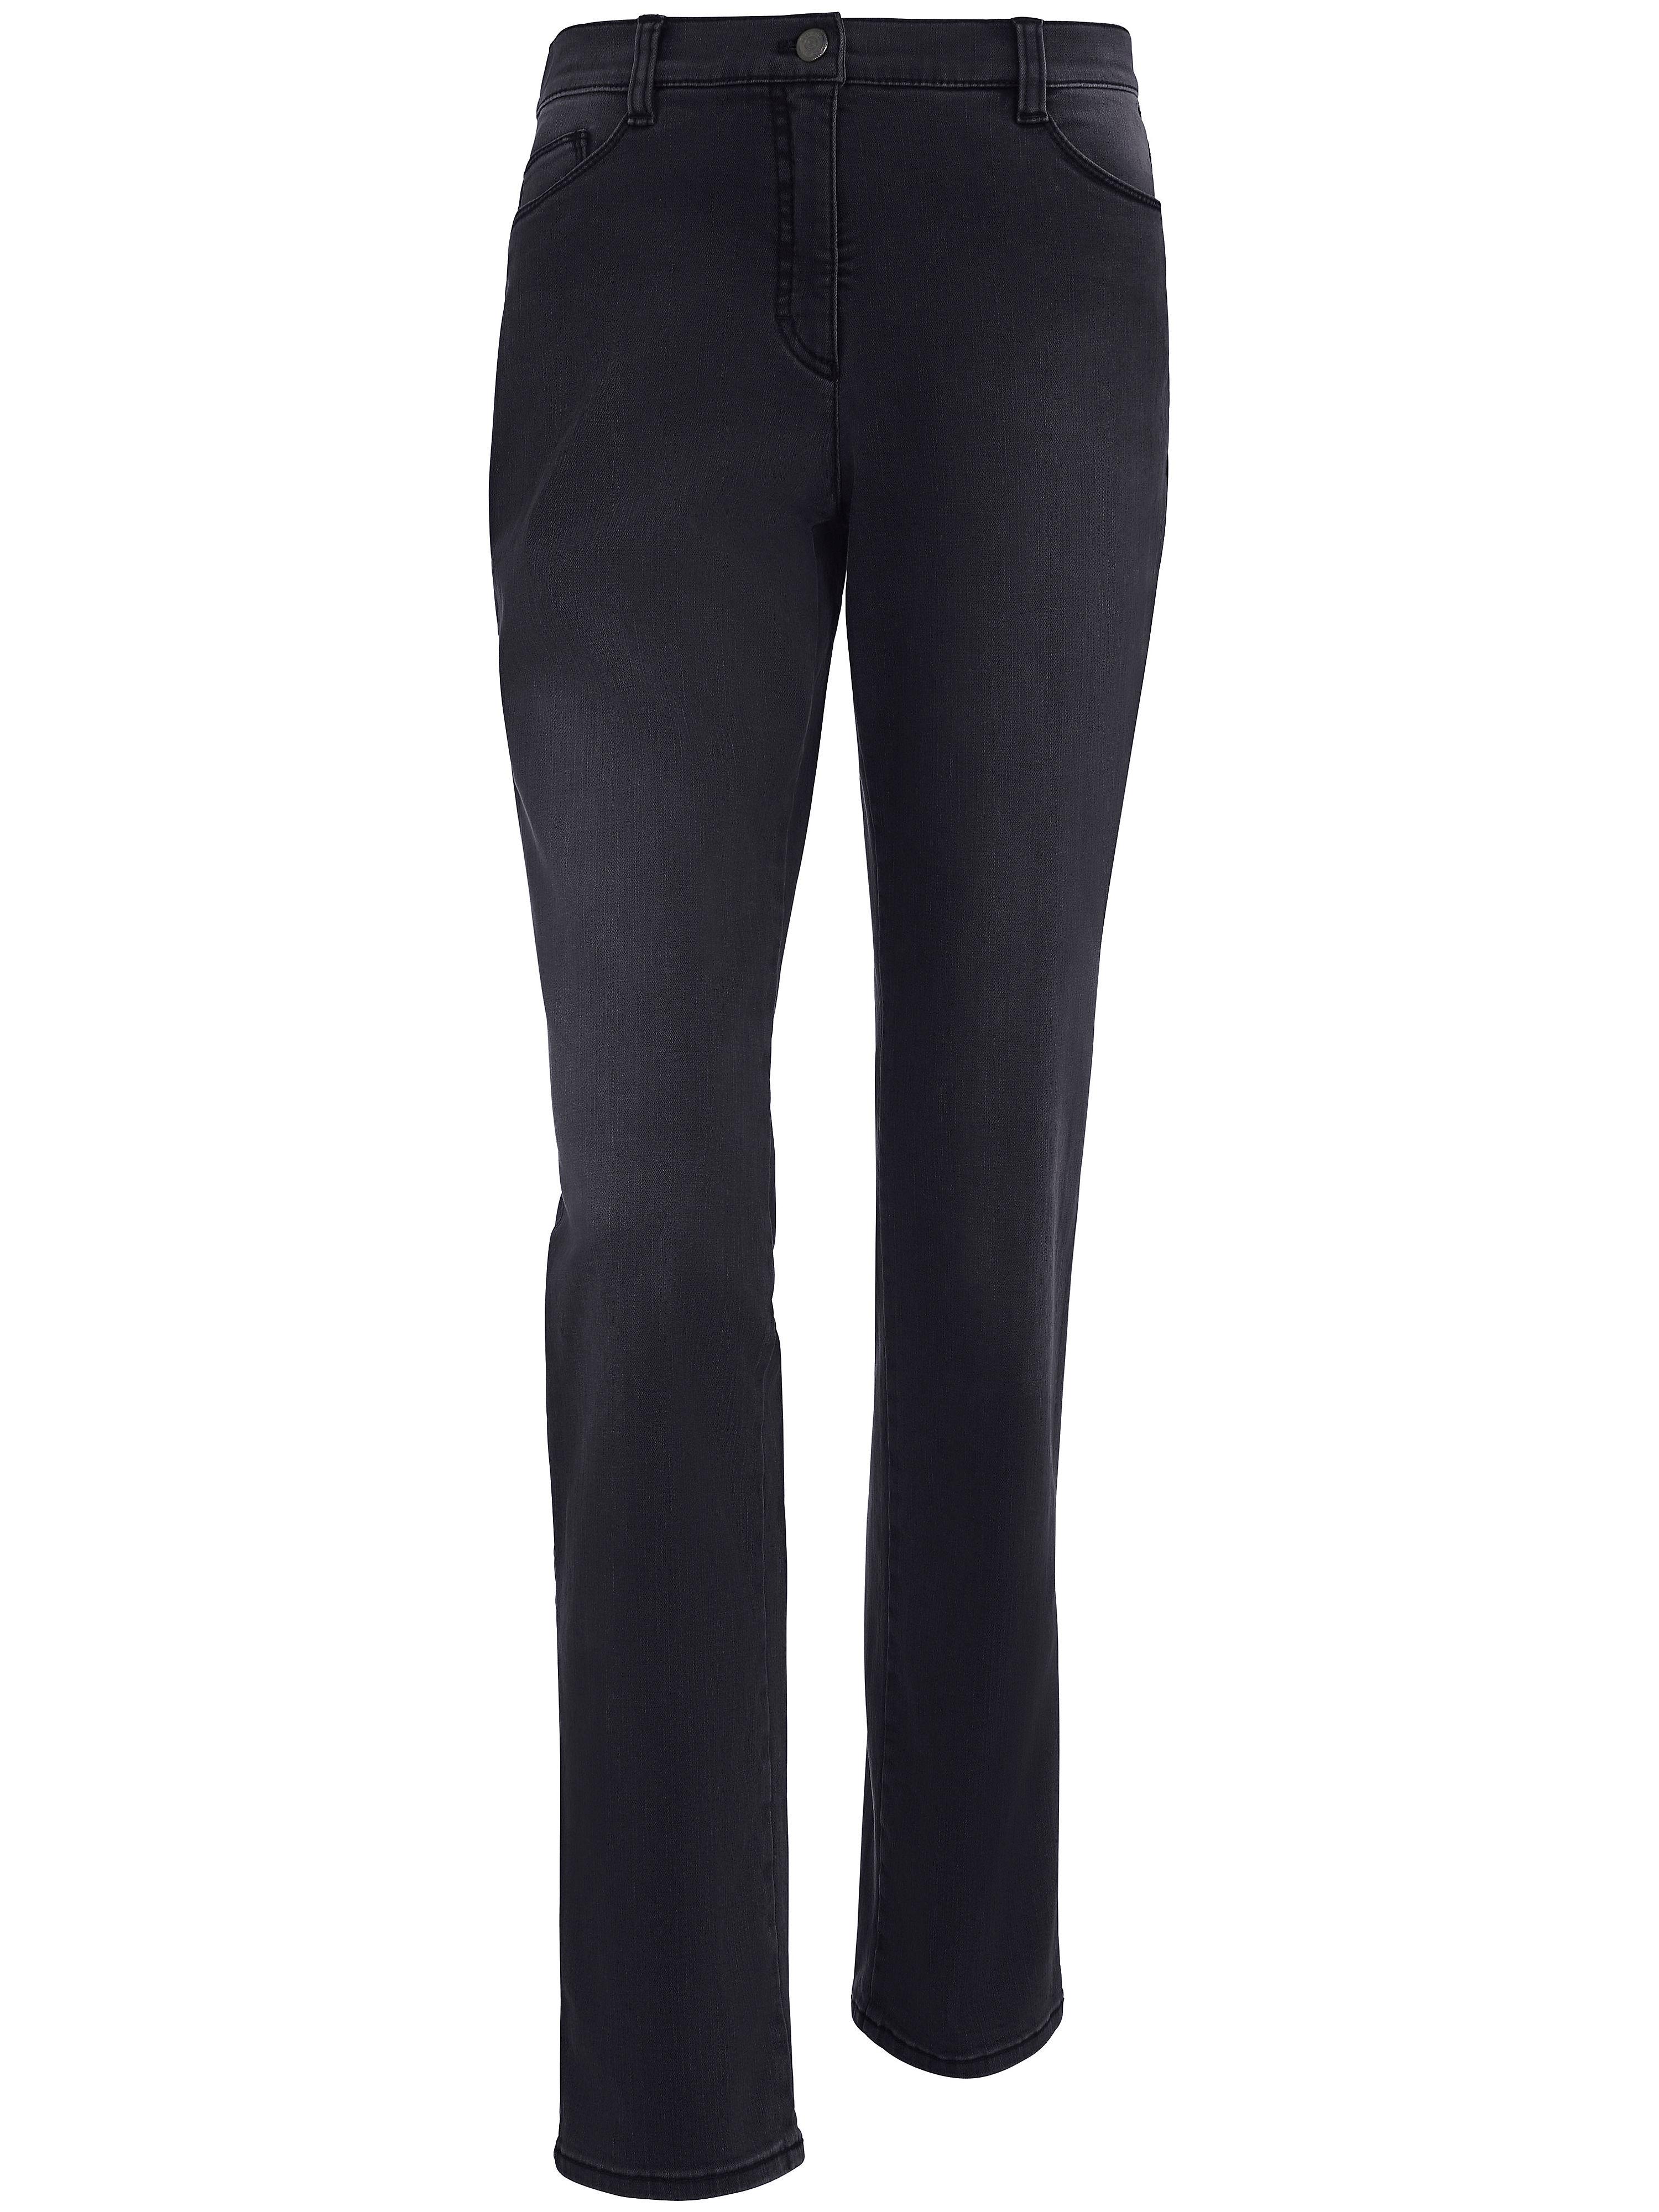 Image of   'Modern Fit'-jeans - model Mary Brilliant Fra Brax Feel Good denim